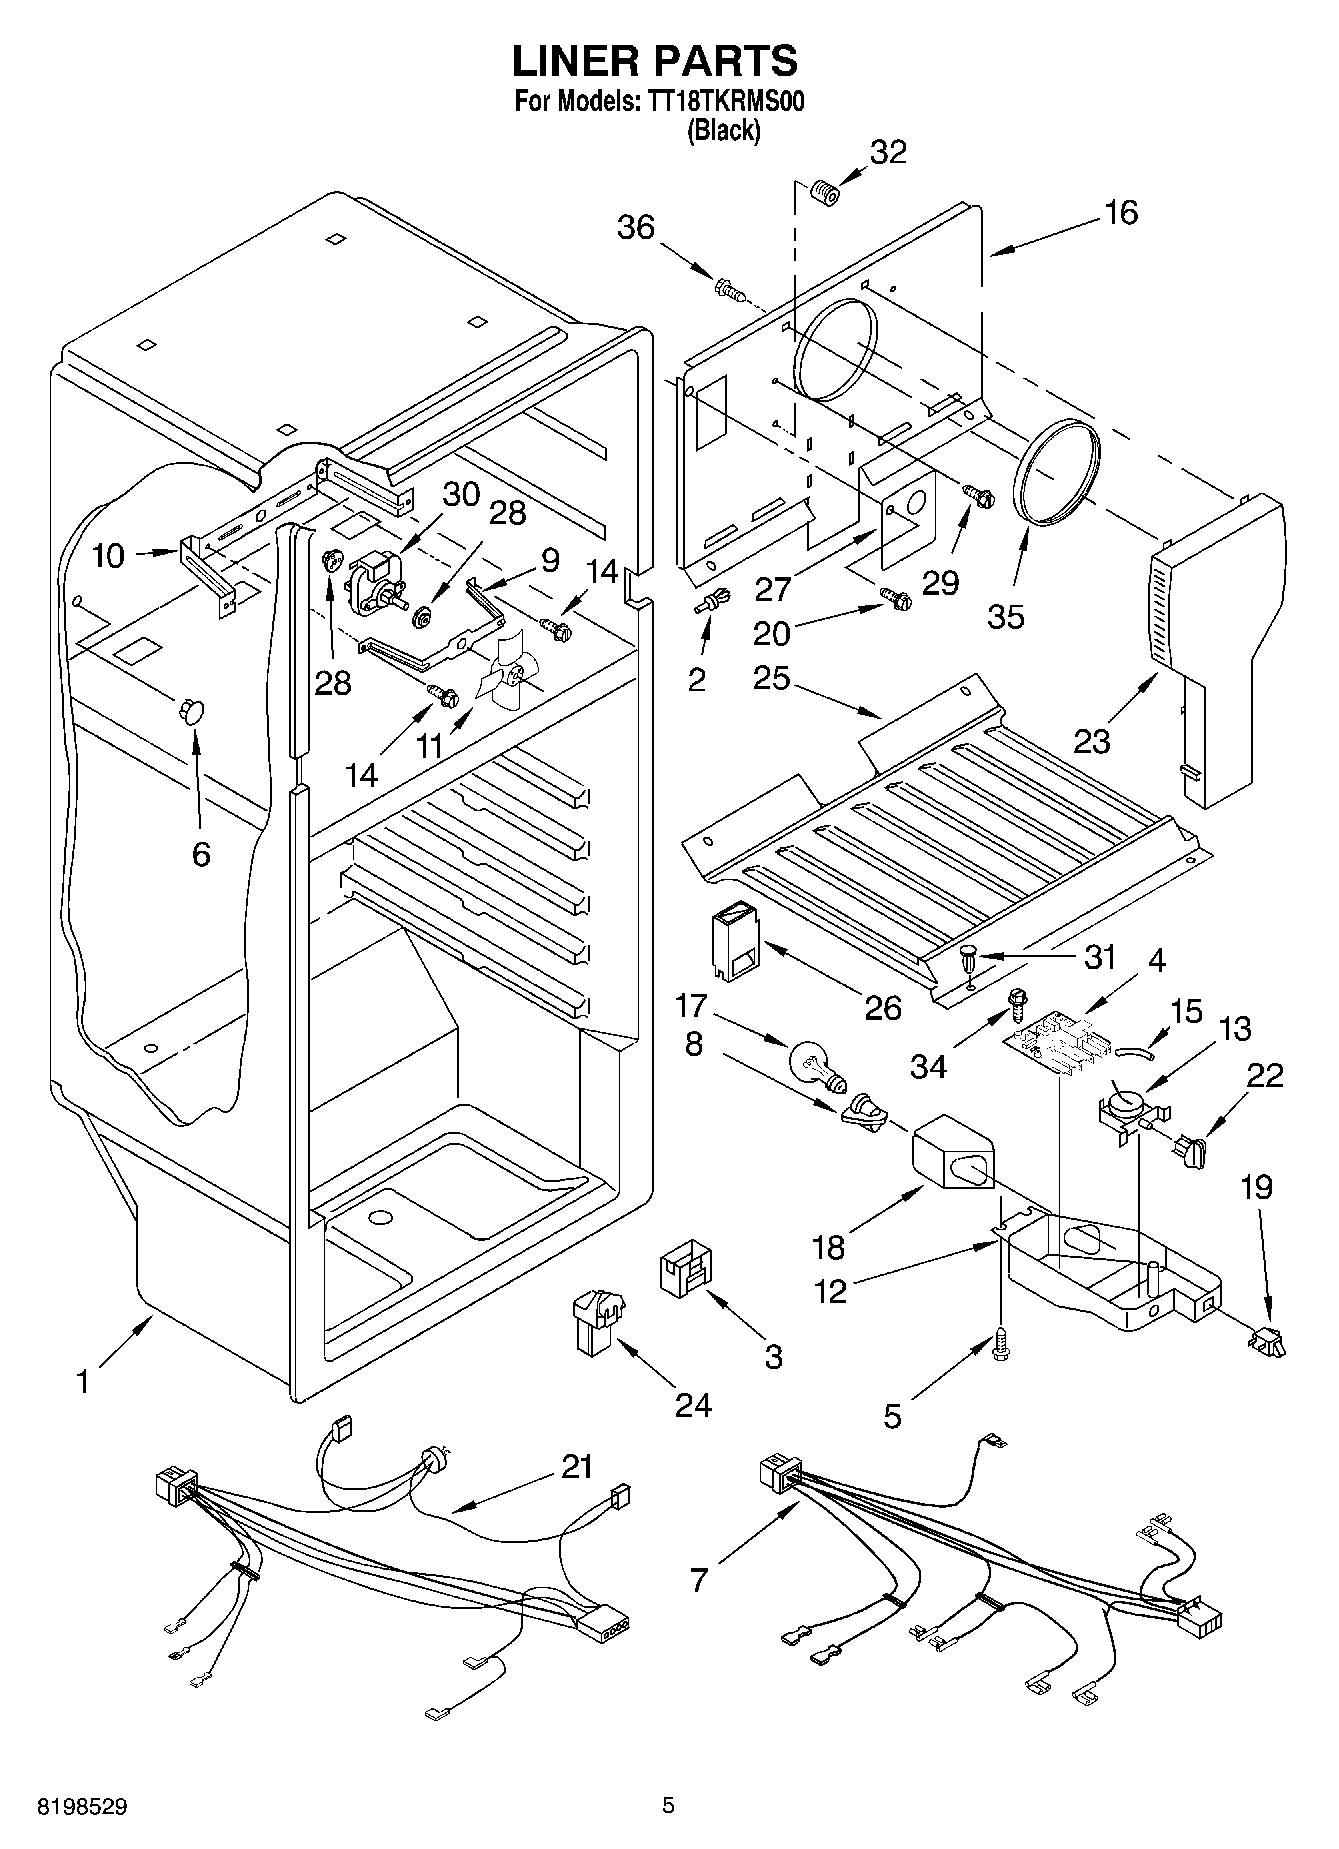 TT18TKRMS00